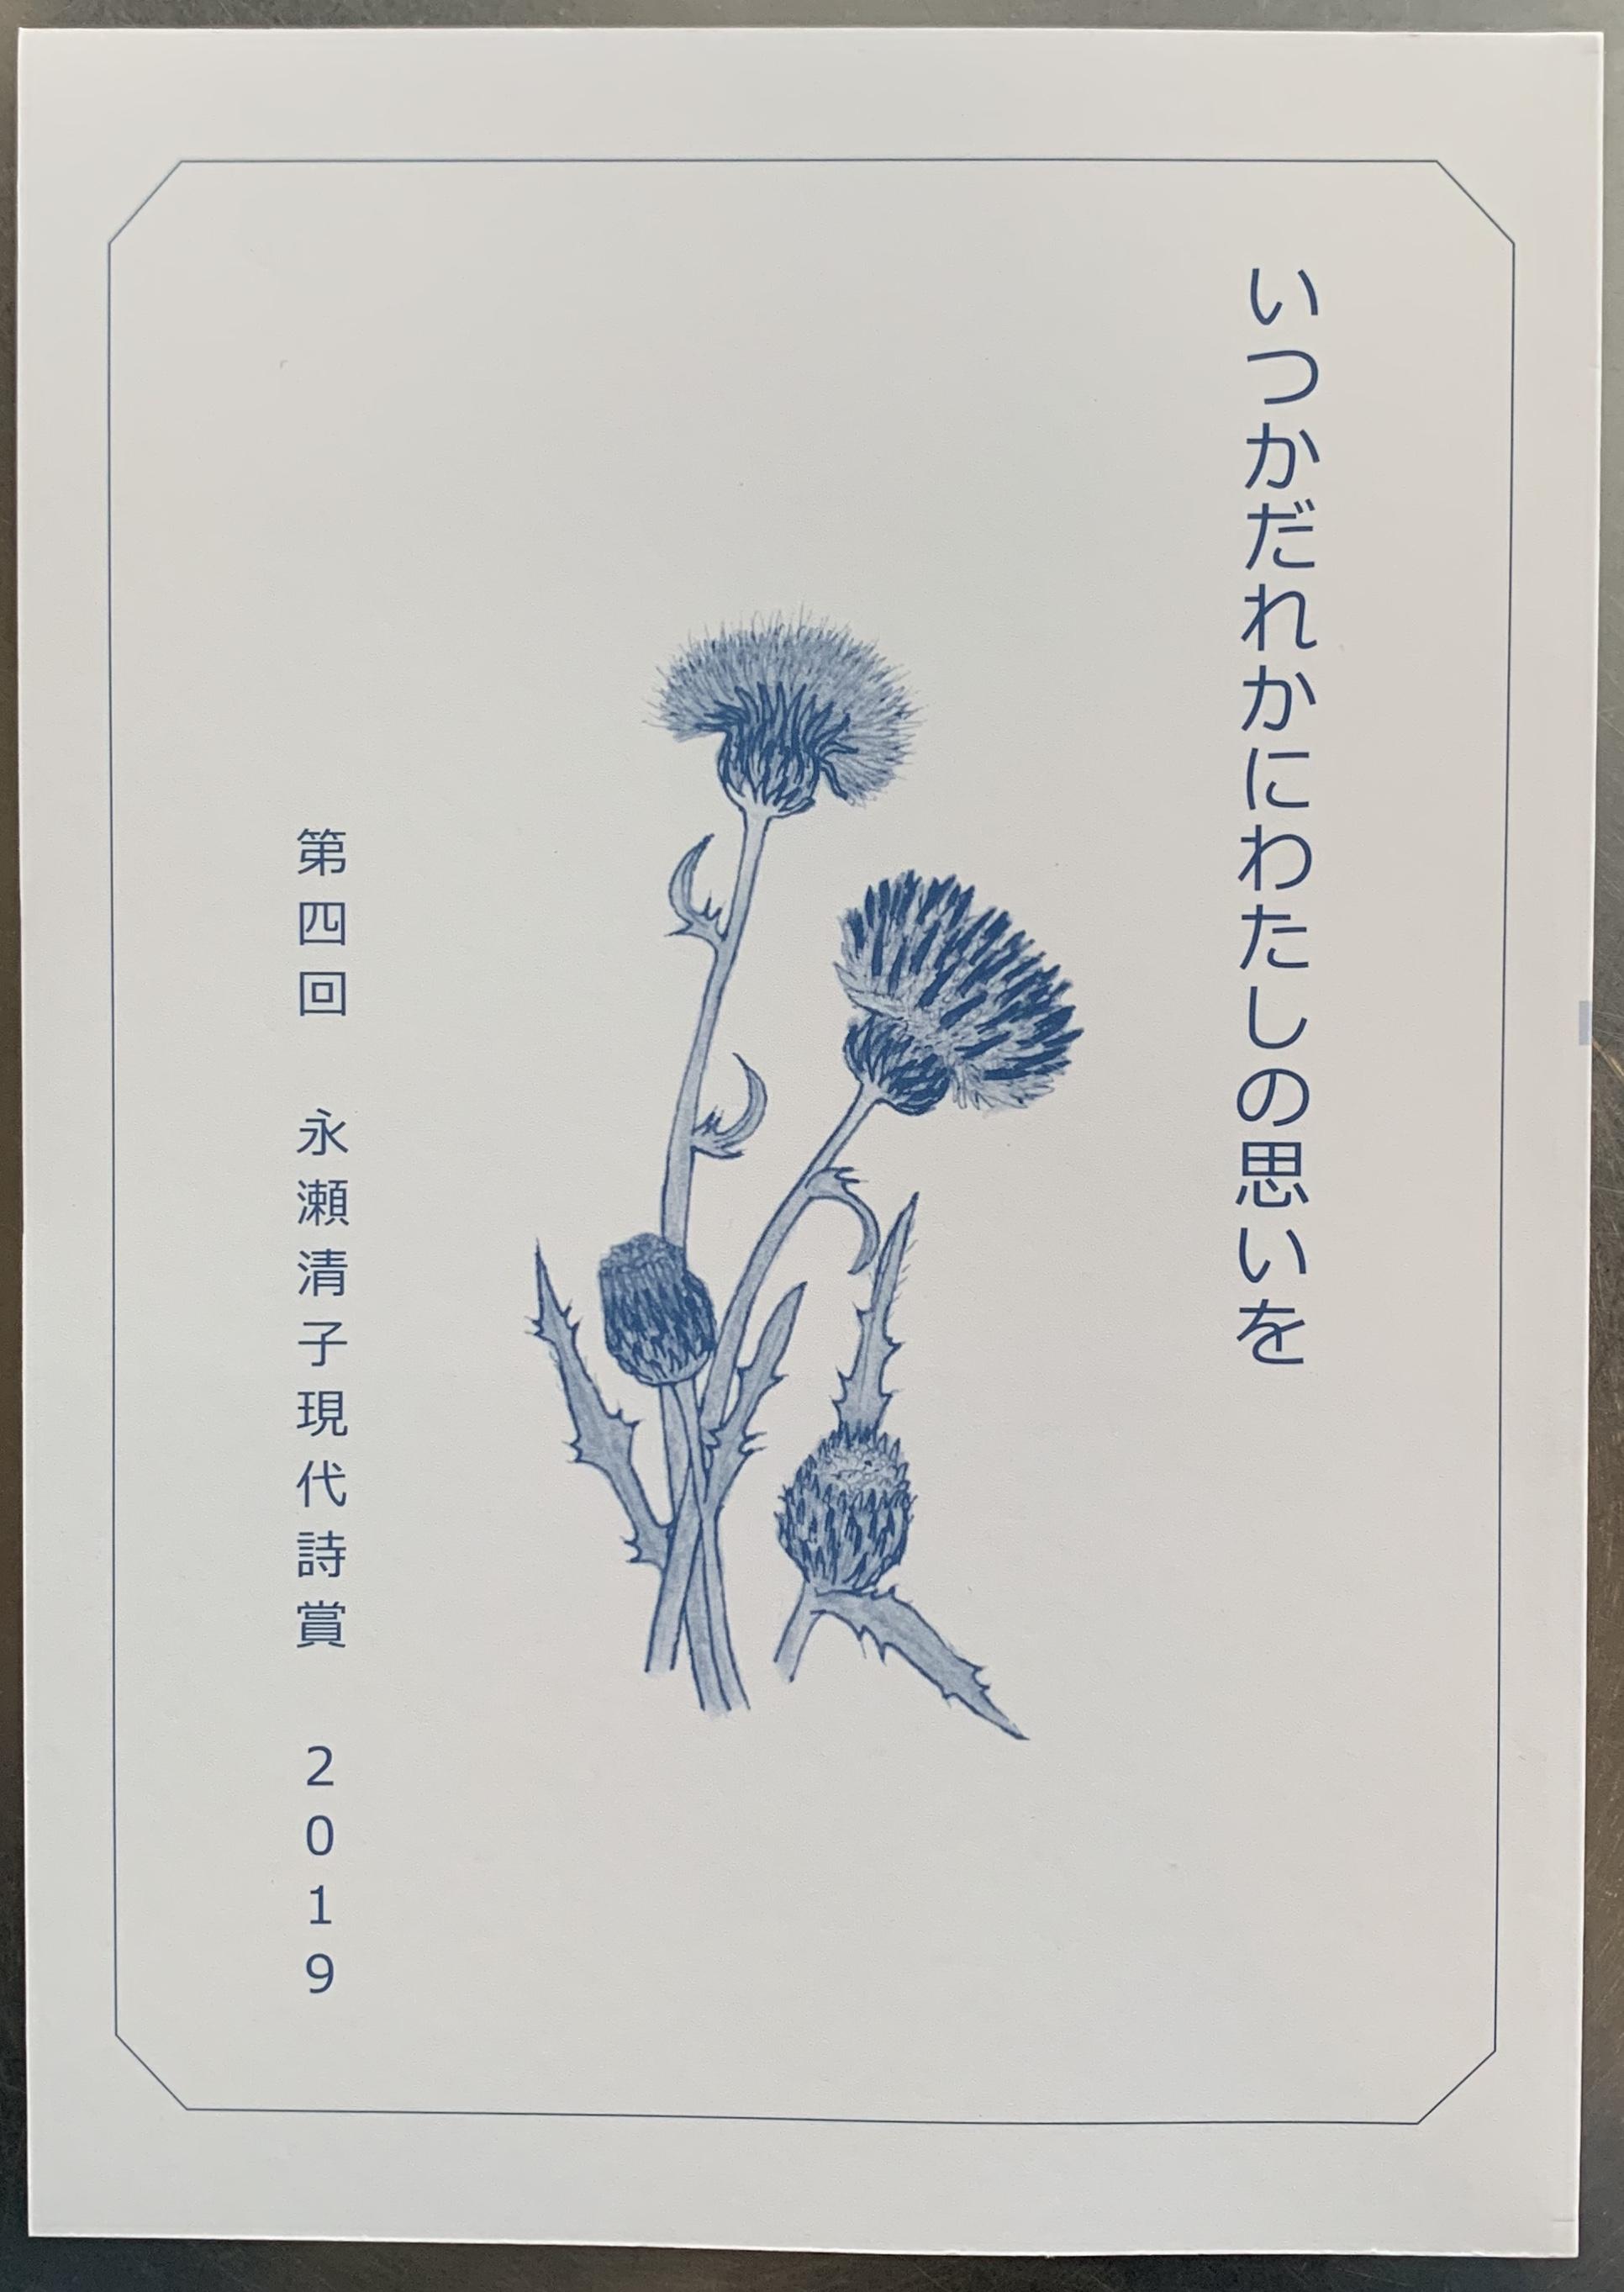 いつかだれかにわたしの思いを-第四回 永瀬清子現代詩賞2019